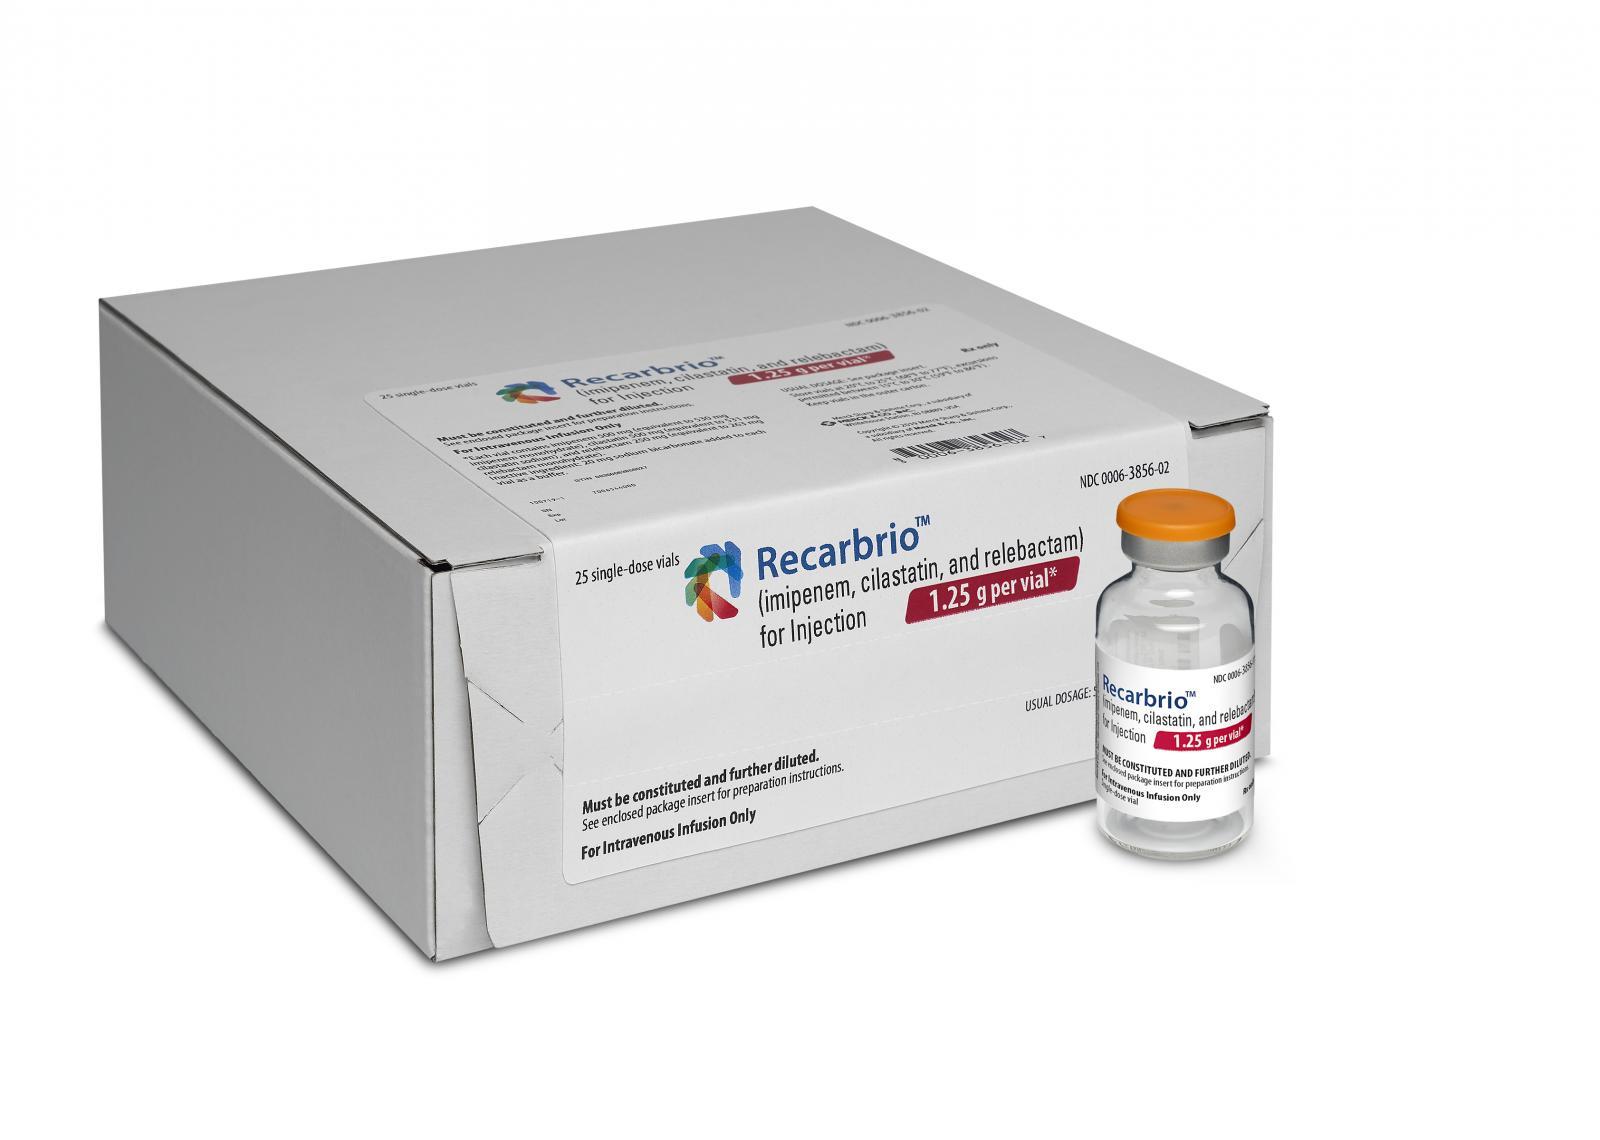 Imipenem-Cilastatin-Relebactam: Imipenem Is Rele Back Again